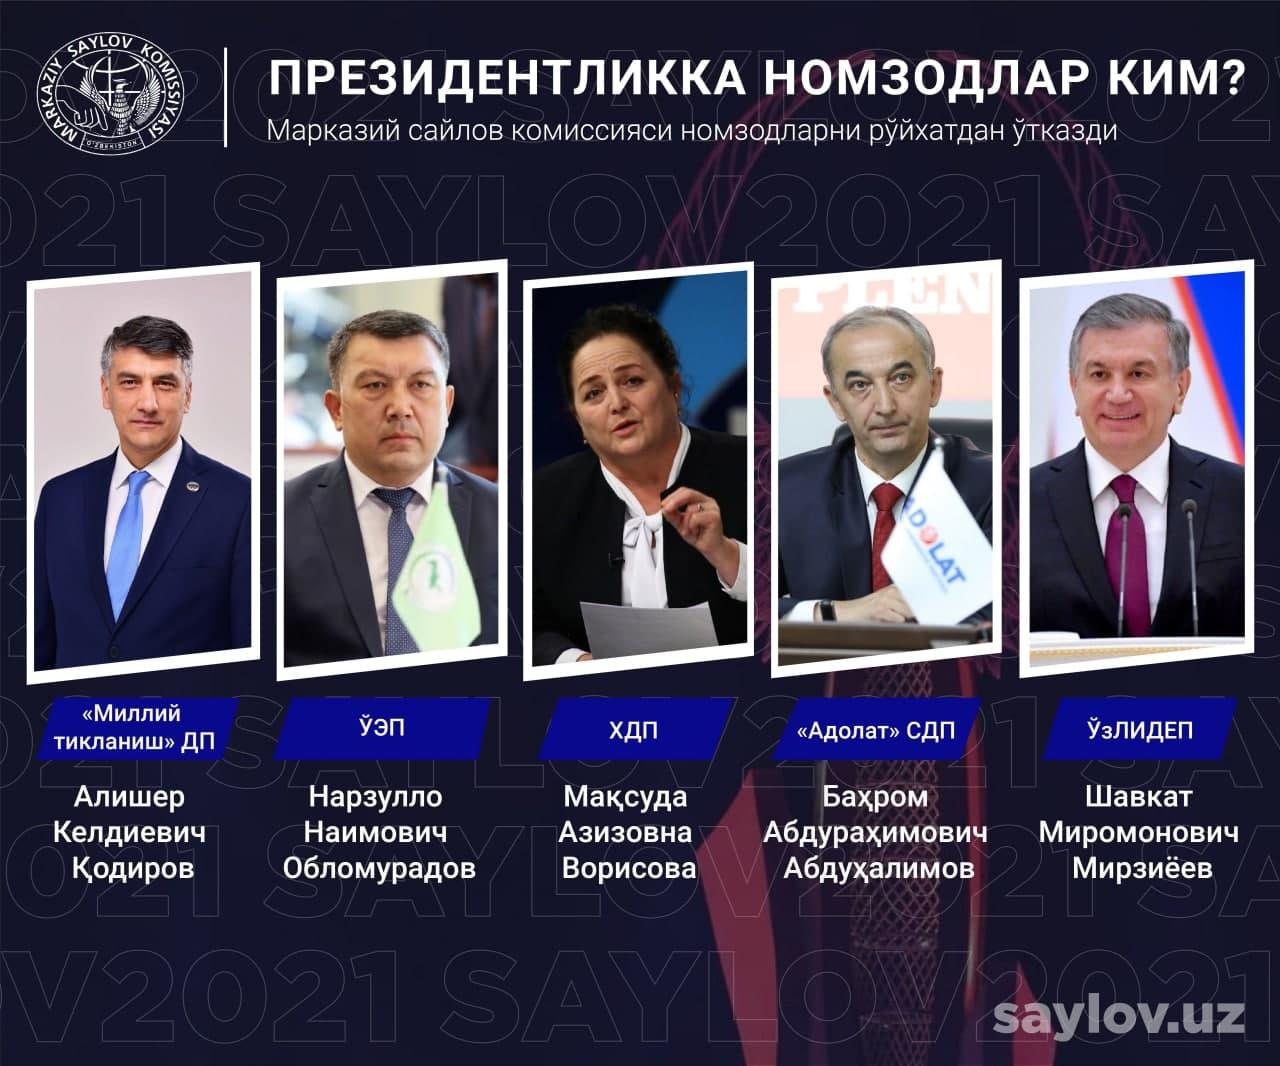 В Узбекистане зарегистрировали всех кандидатов в президенты